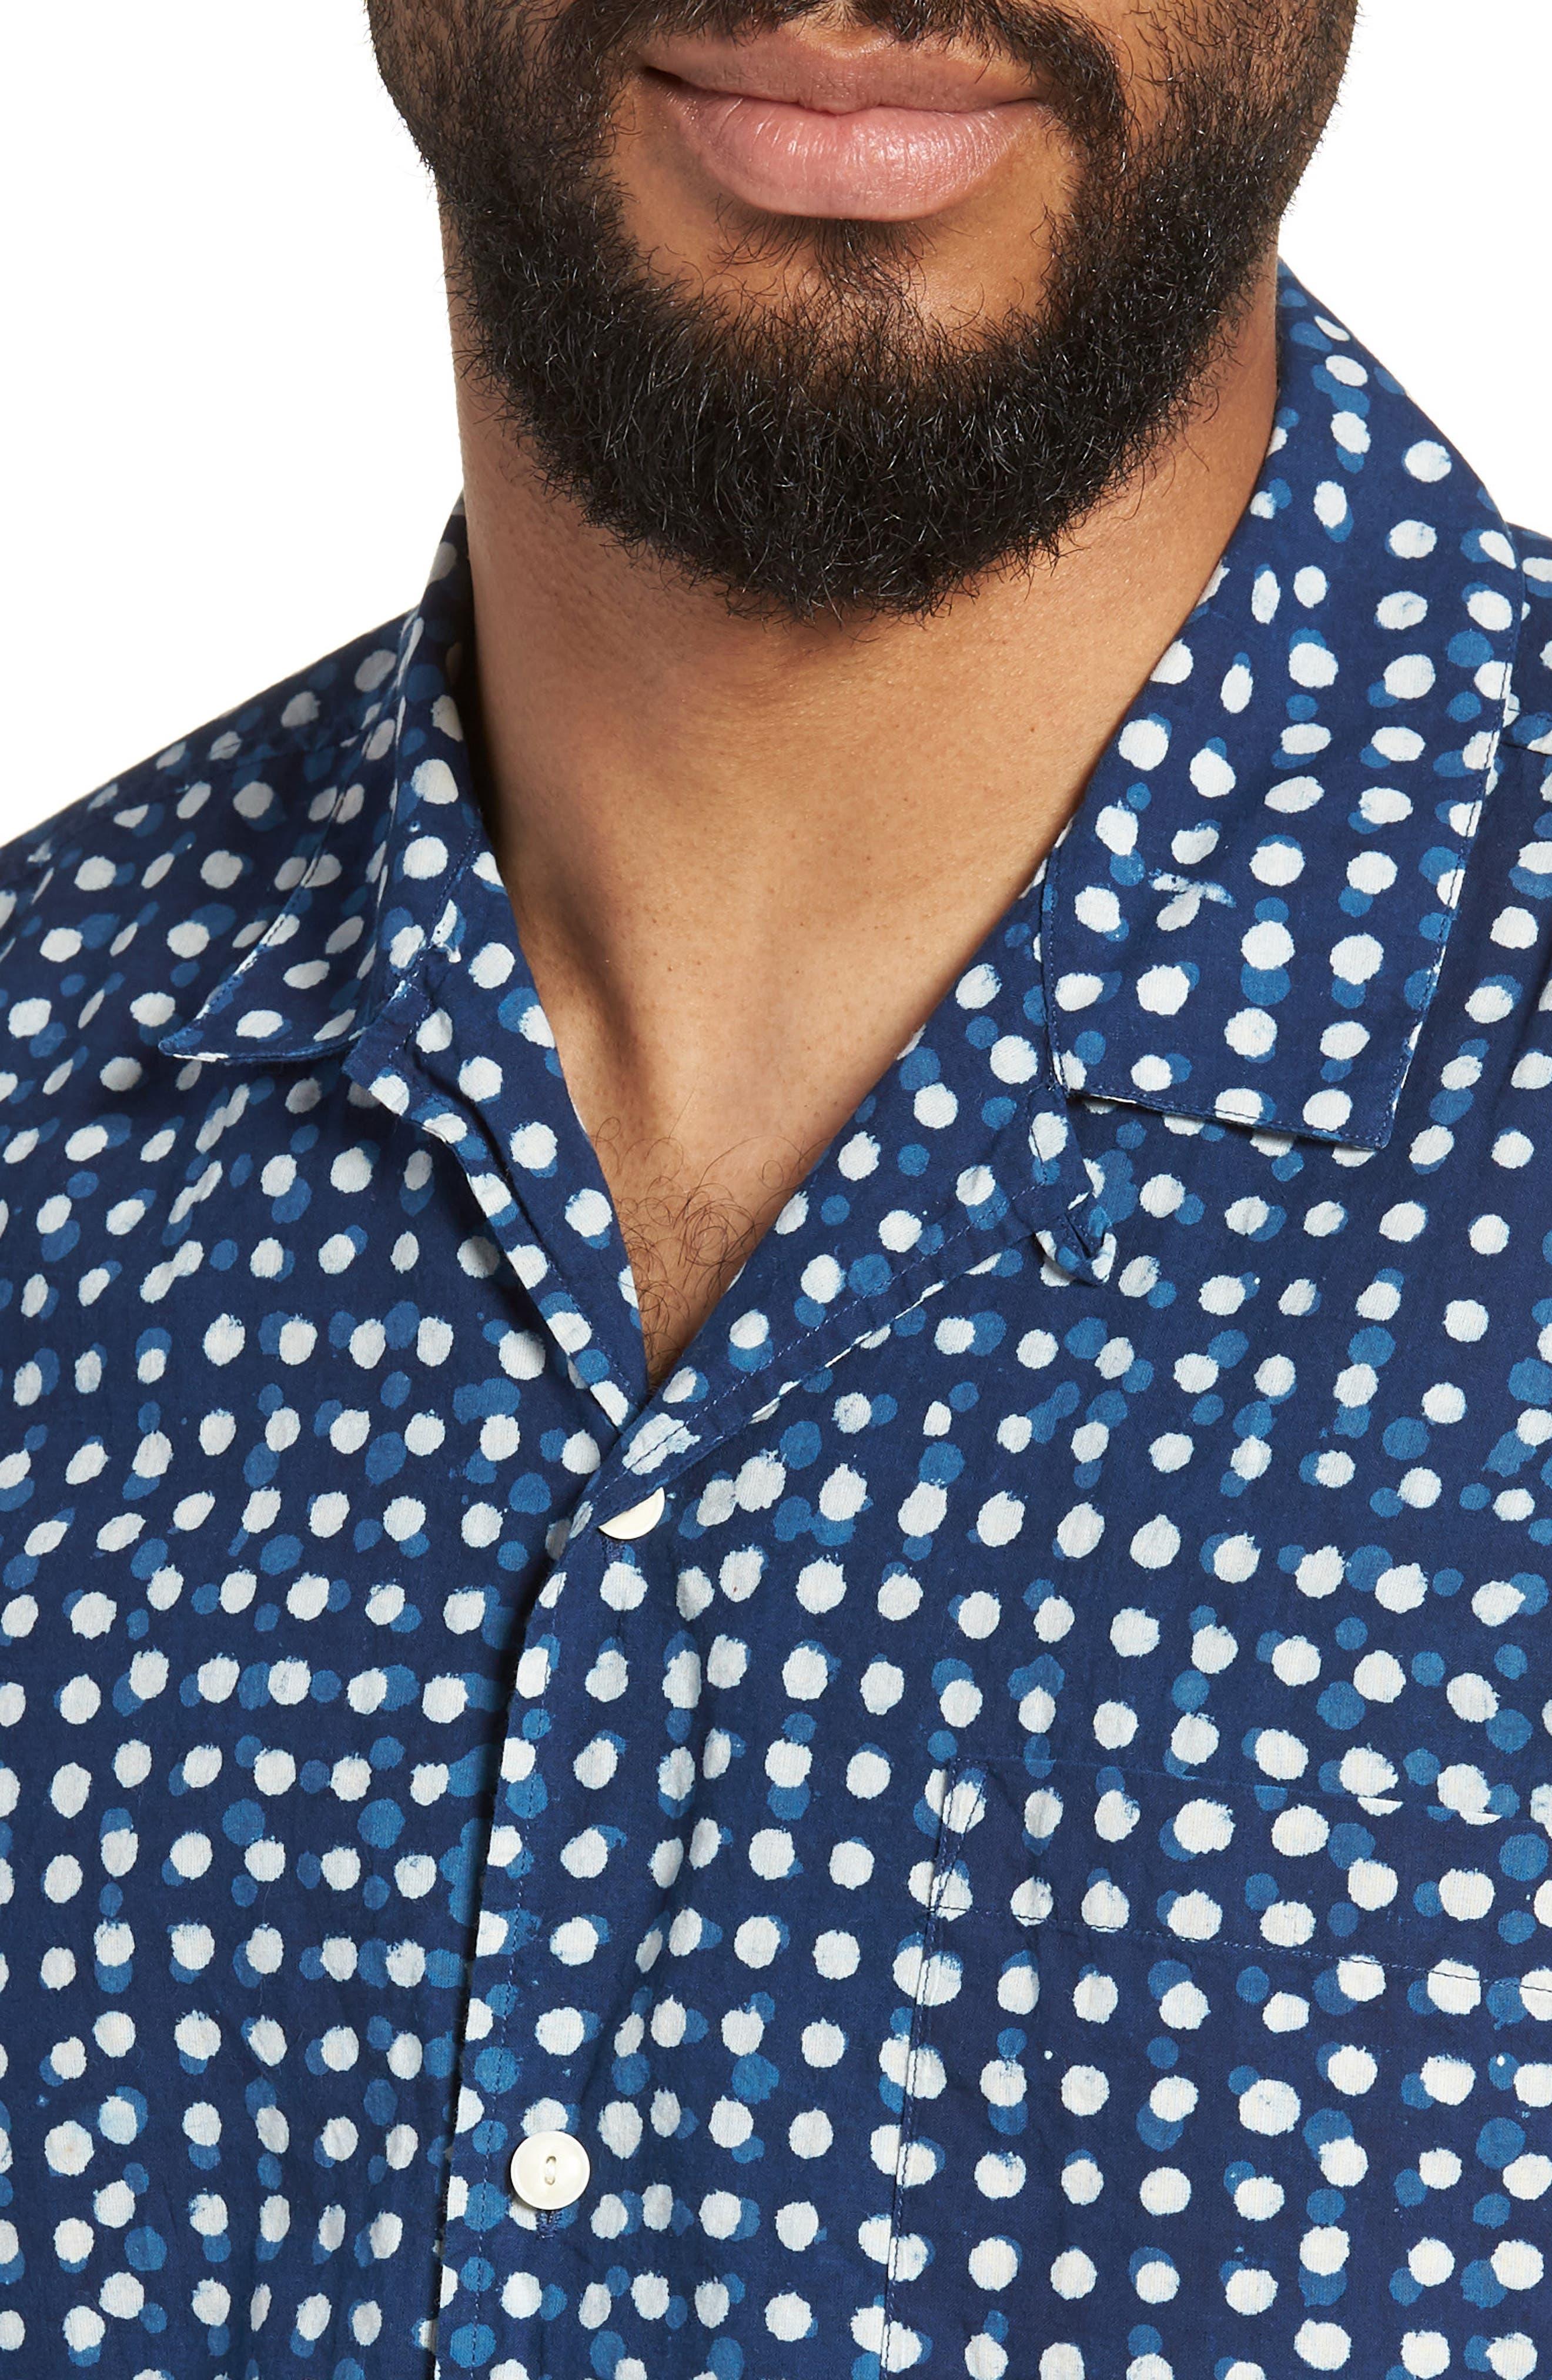 Malick Slim Fit Dot Sport Shirt,                             Alternate thumbnail 4, color,                             406